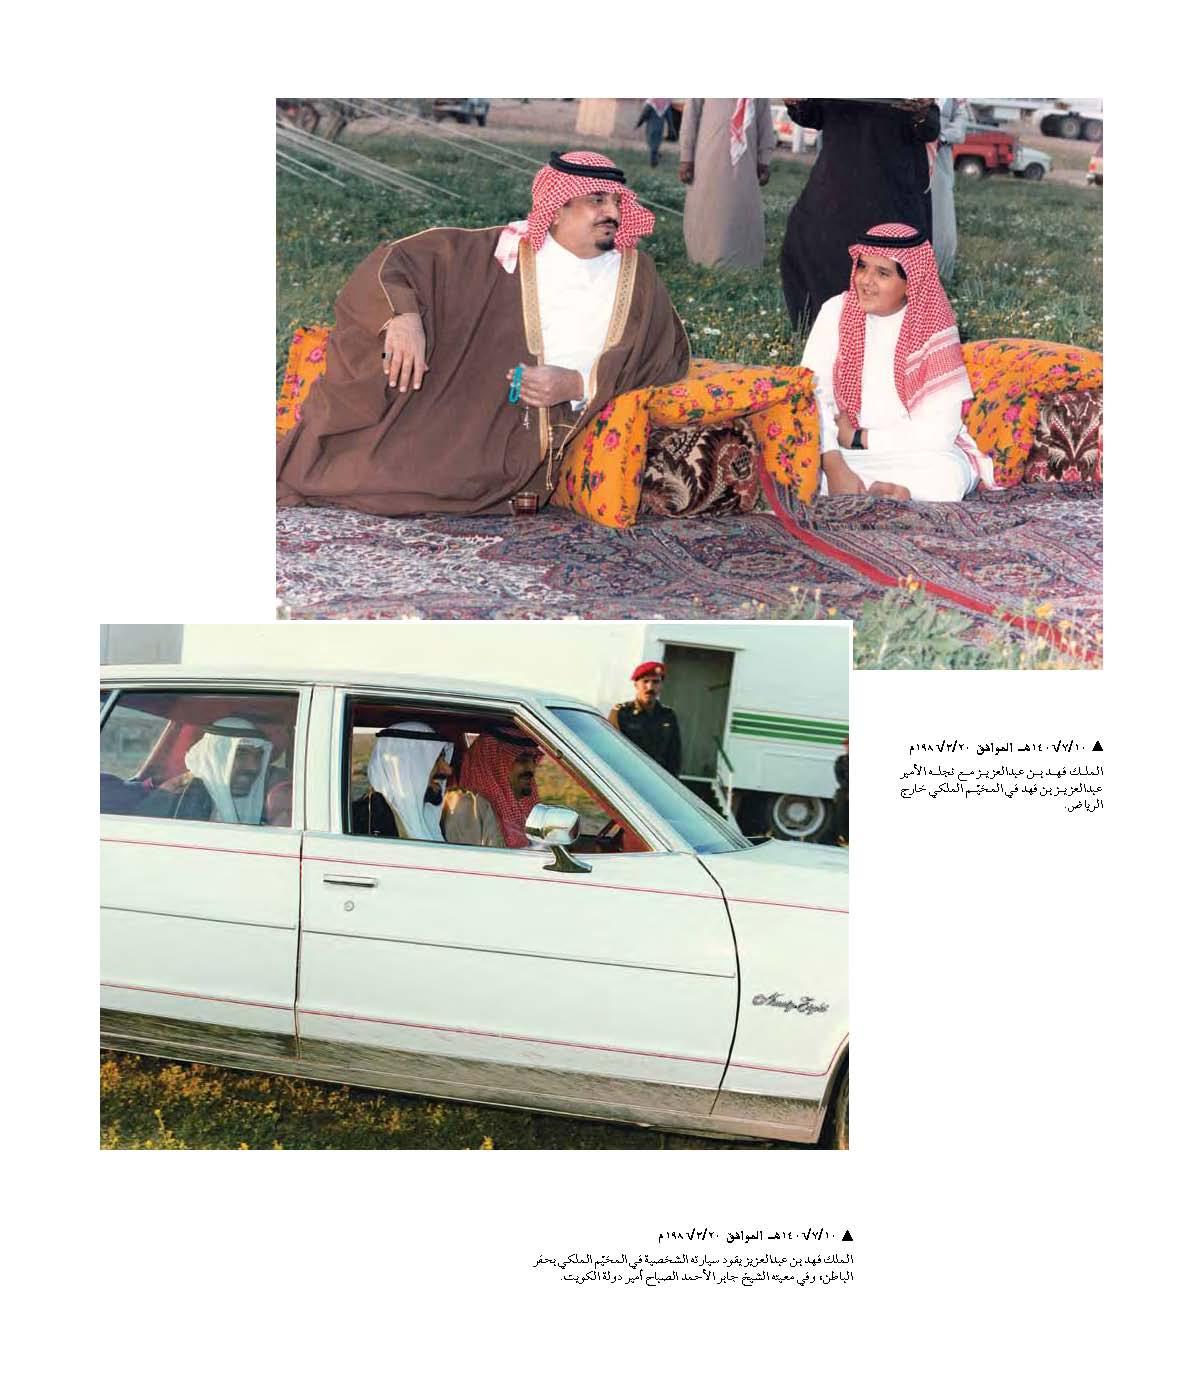 """صور نادرة للملك فهد في """"كتاب"""" B37e8ae4-f1d9-4166-b39a-c0631dffbc1d"""